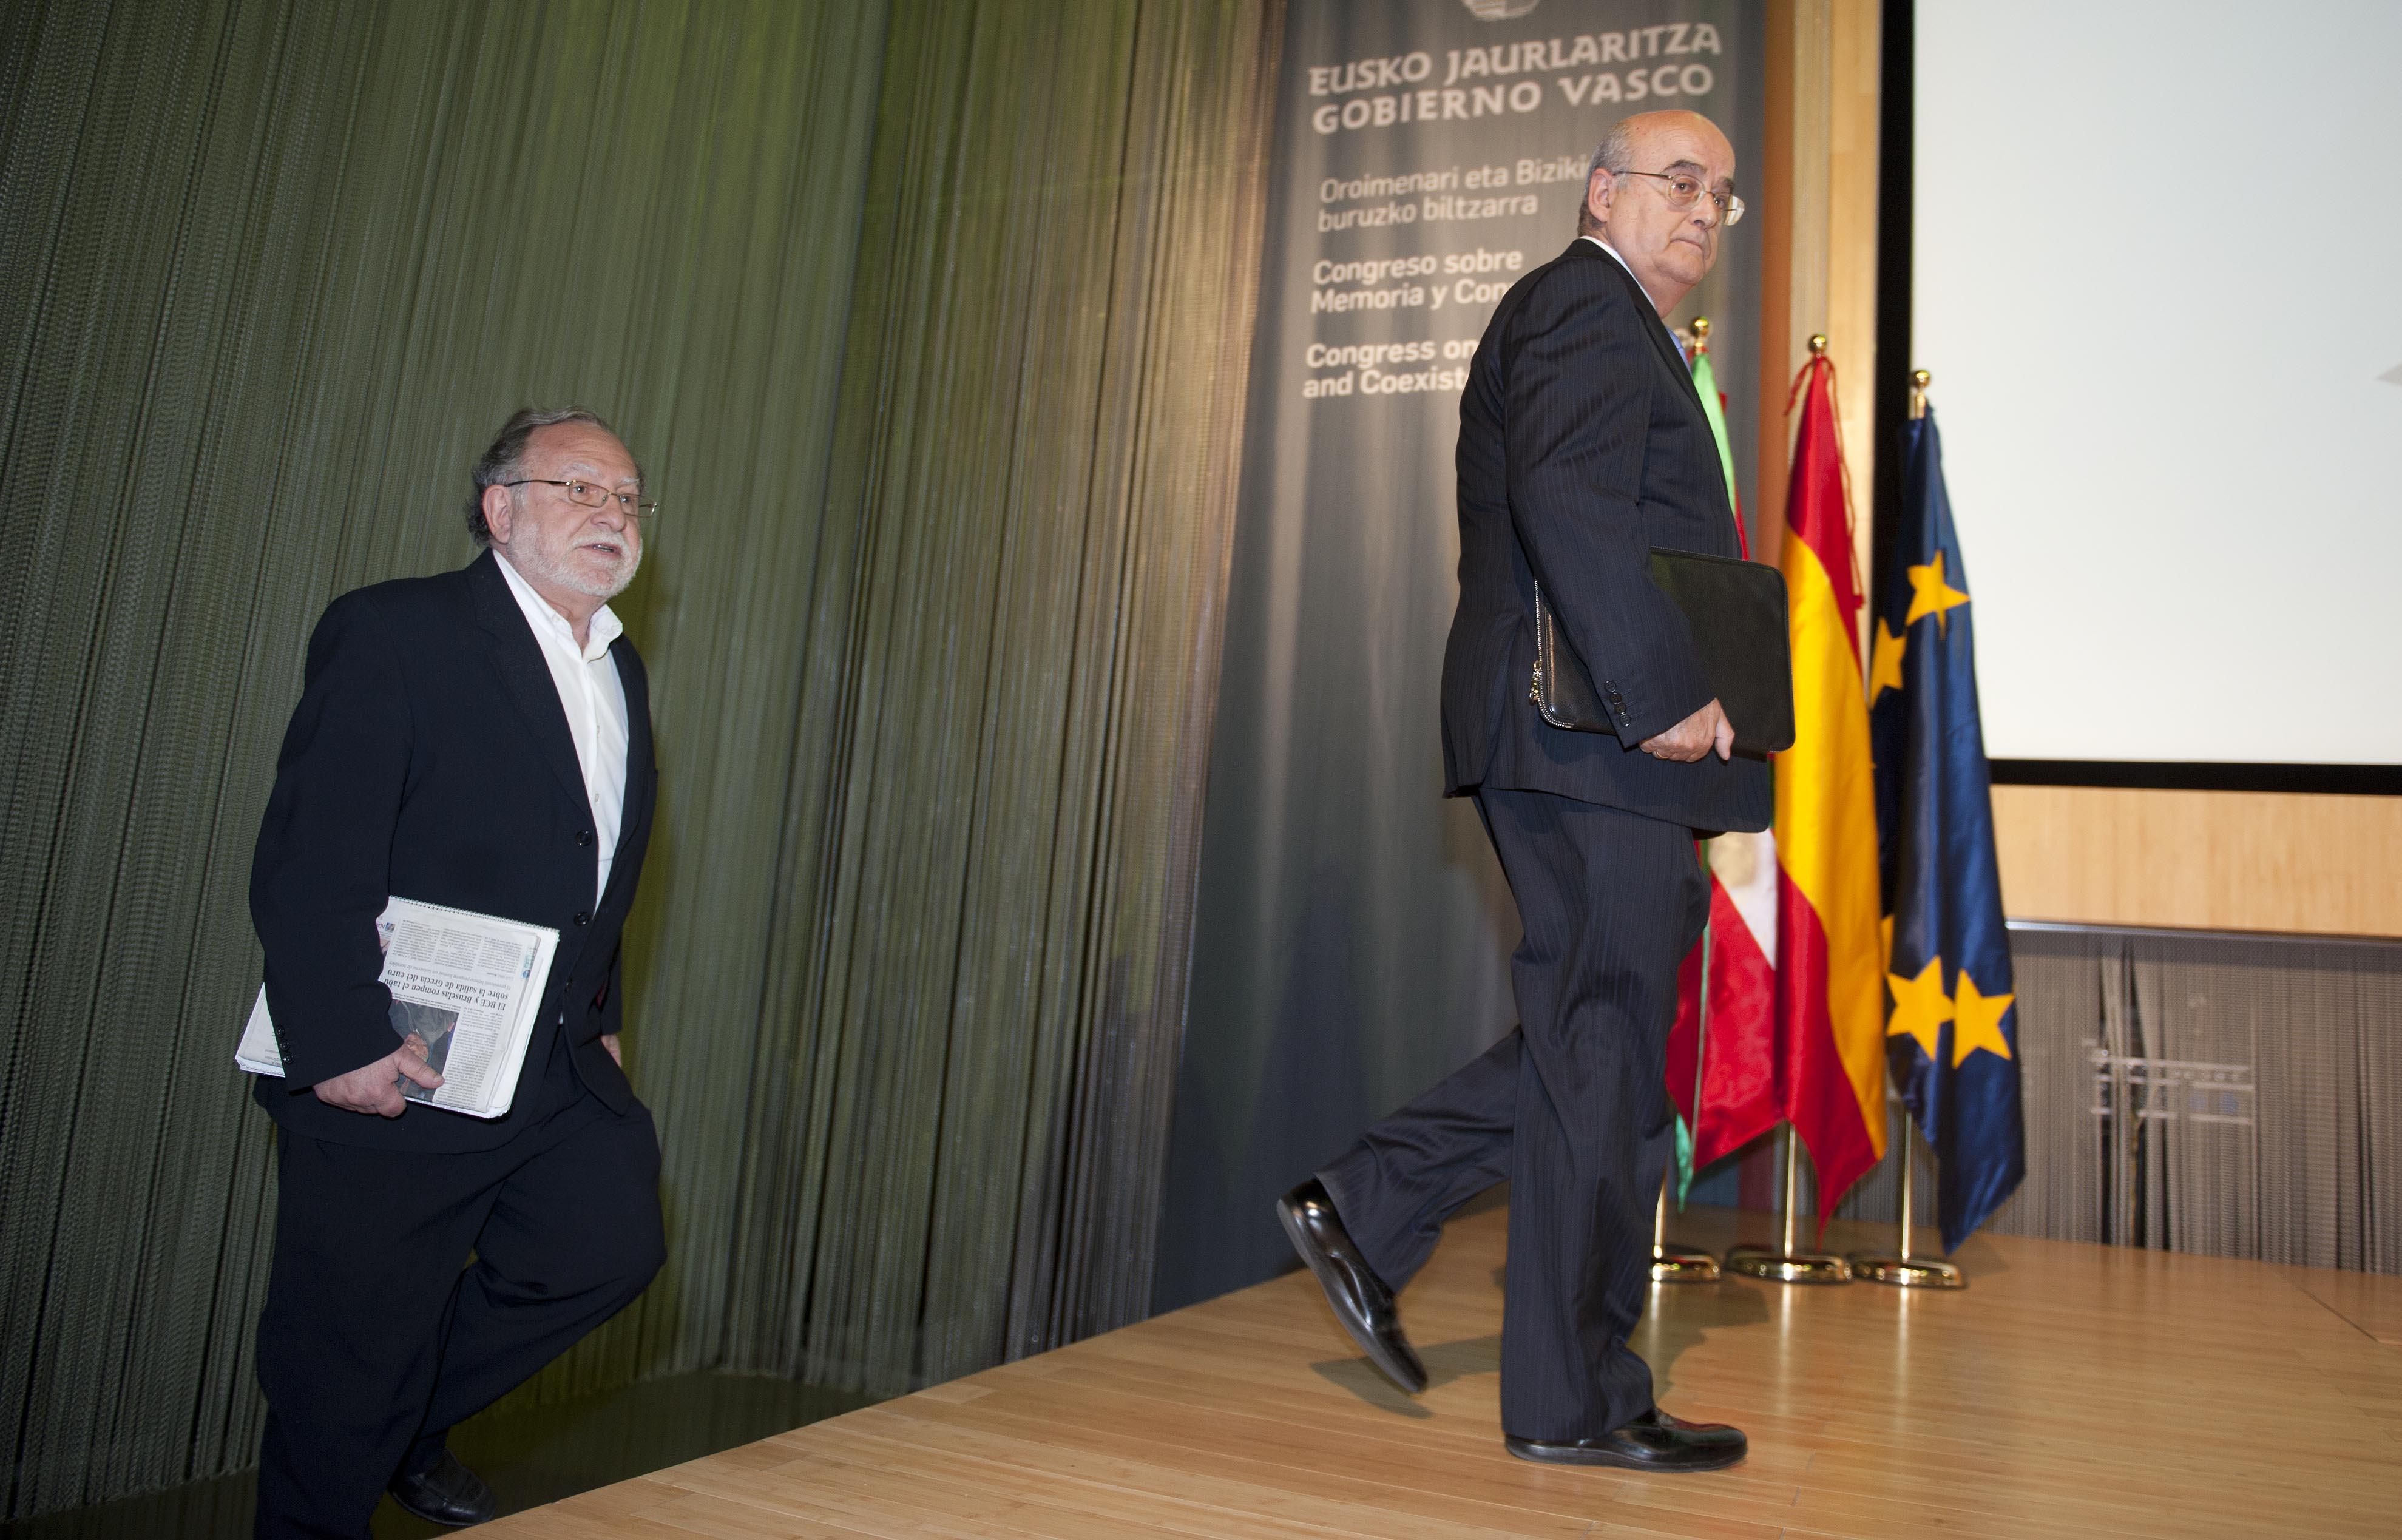 2012_05_15_congreso_memoria_convivencia_18.jpg